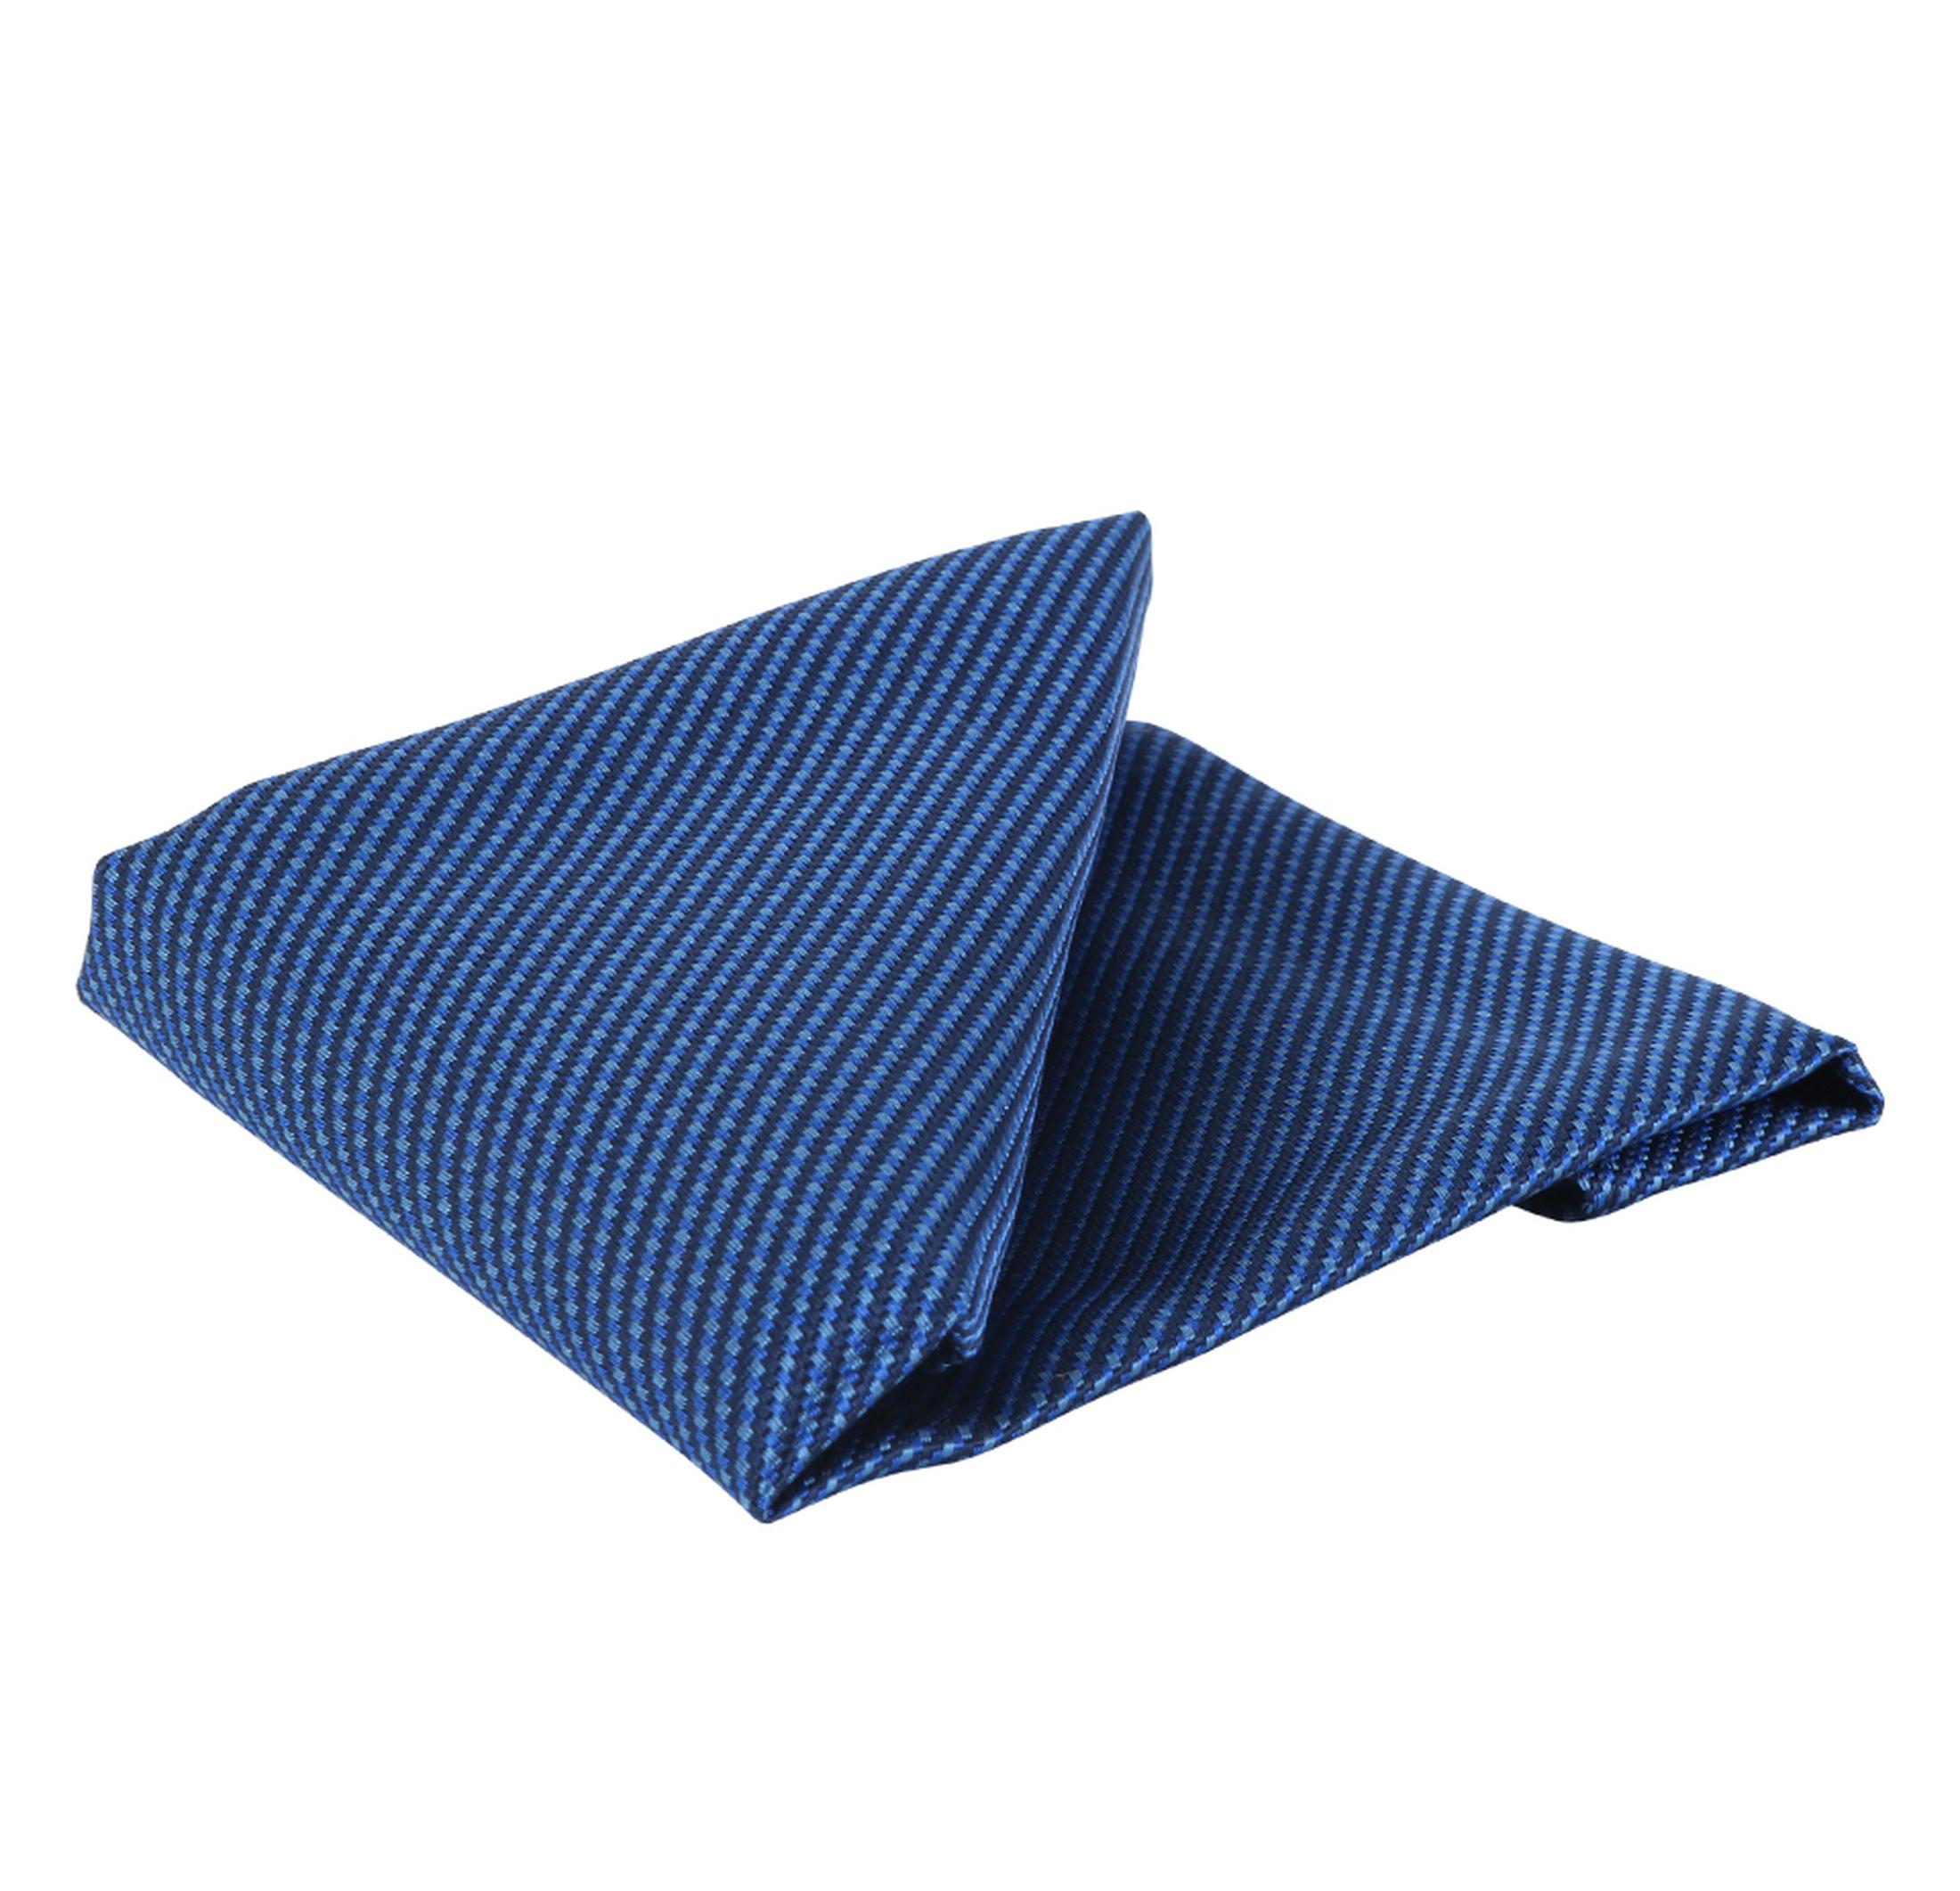 Pochet Royal Blauw